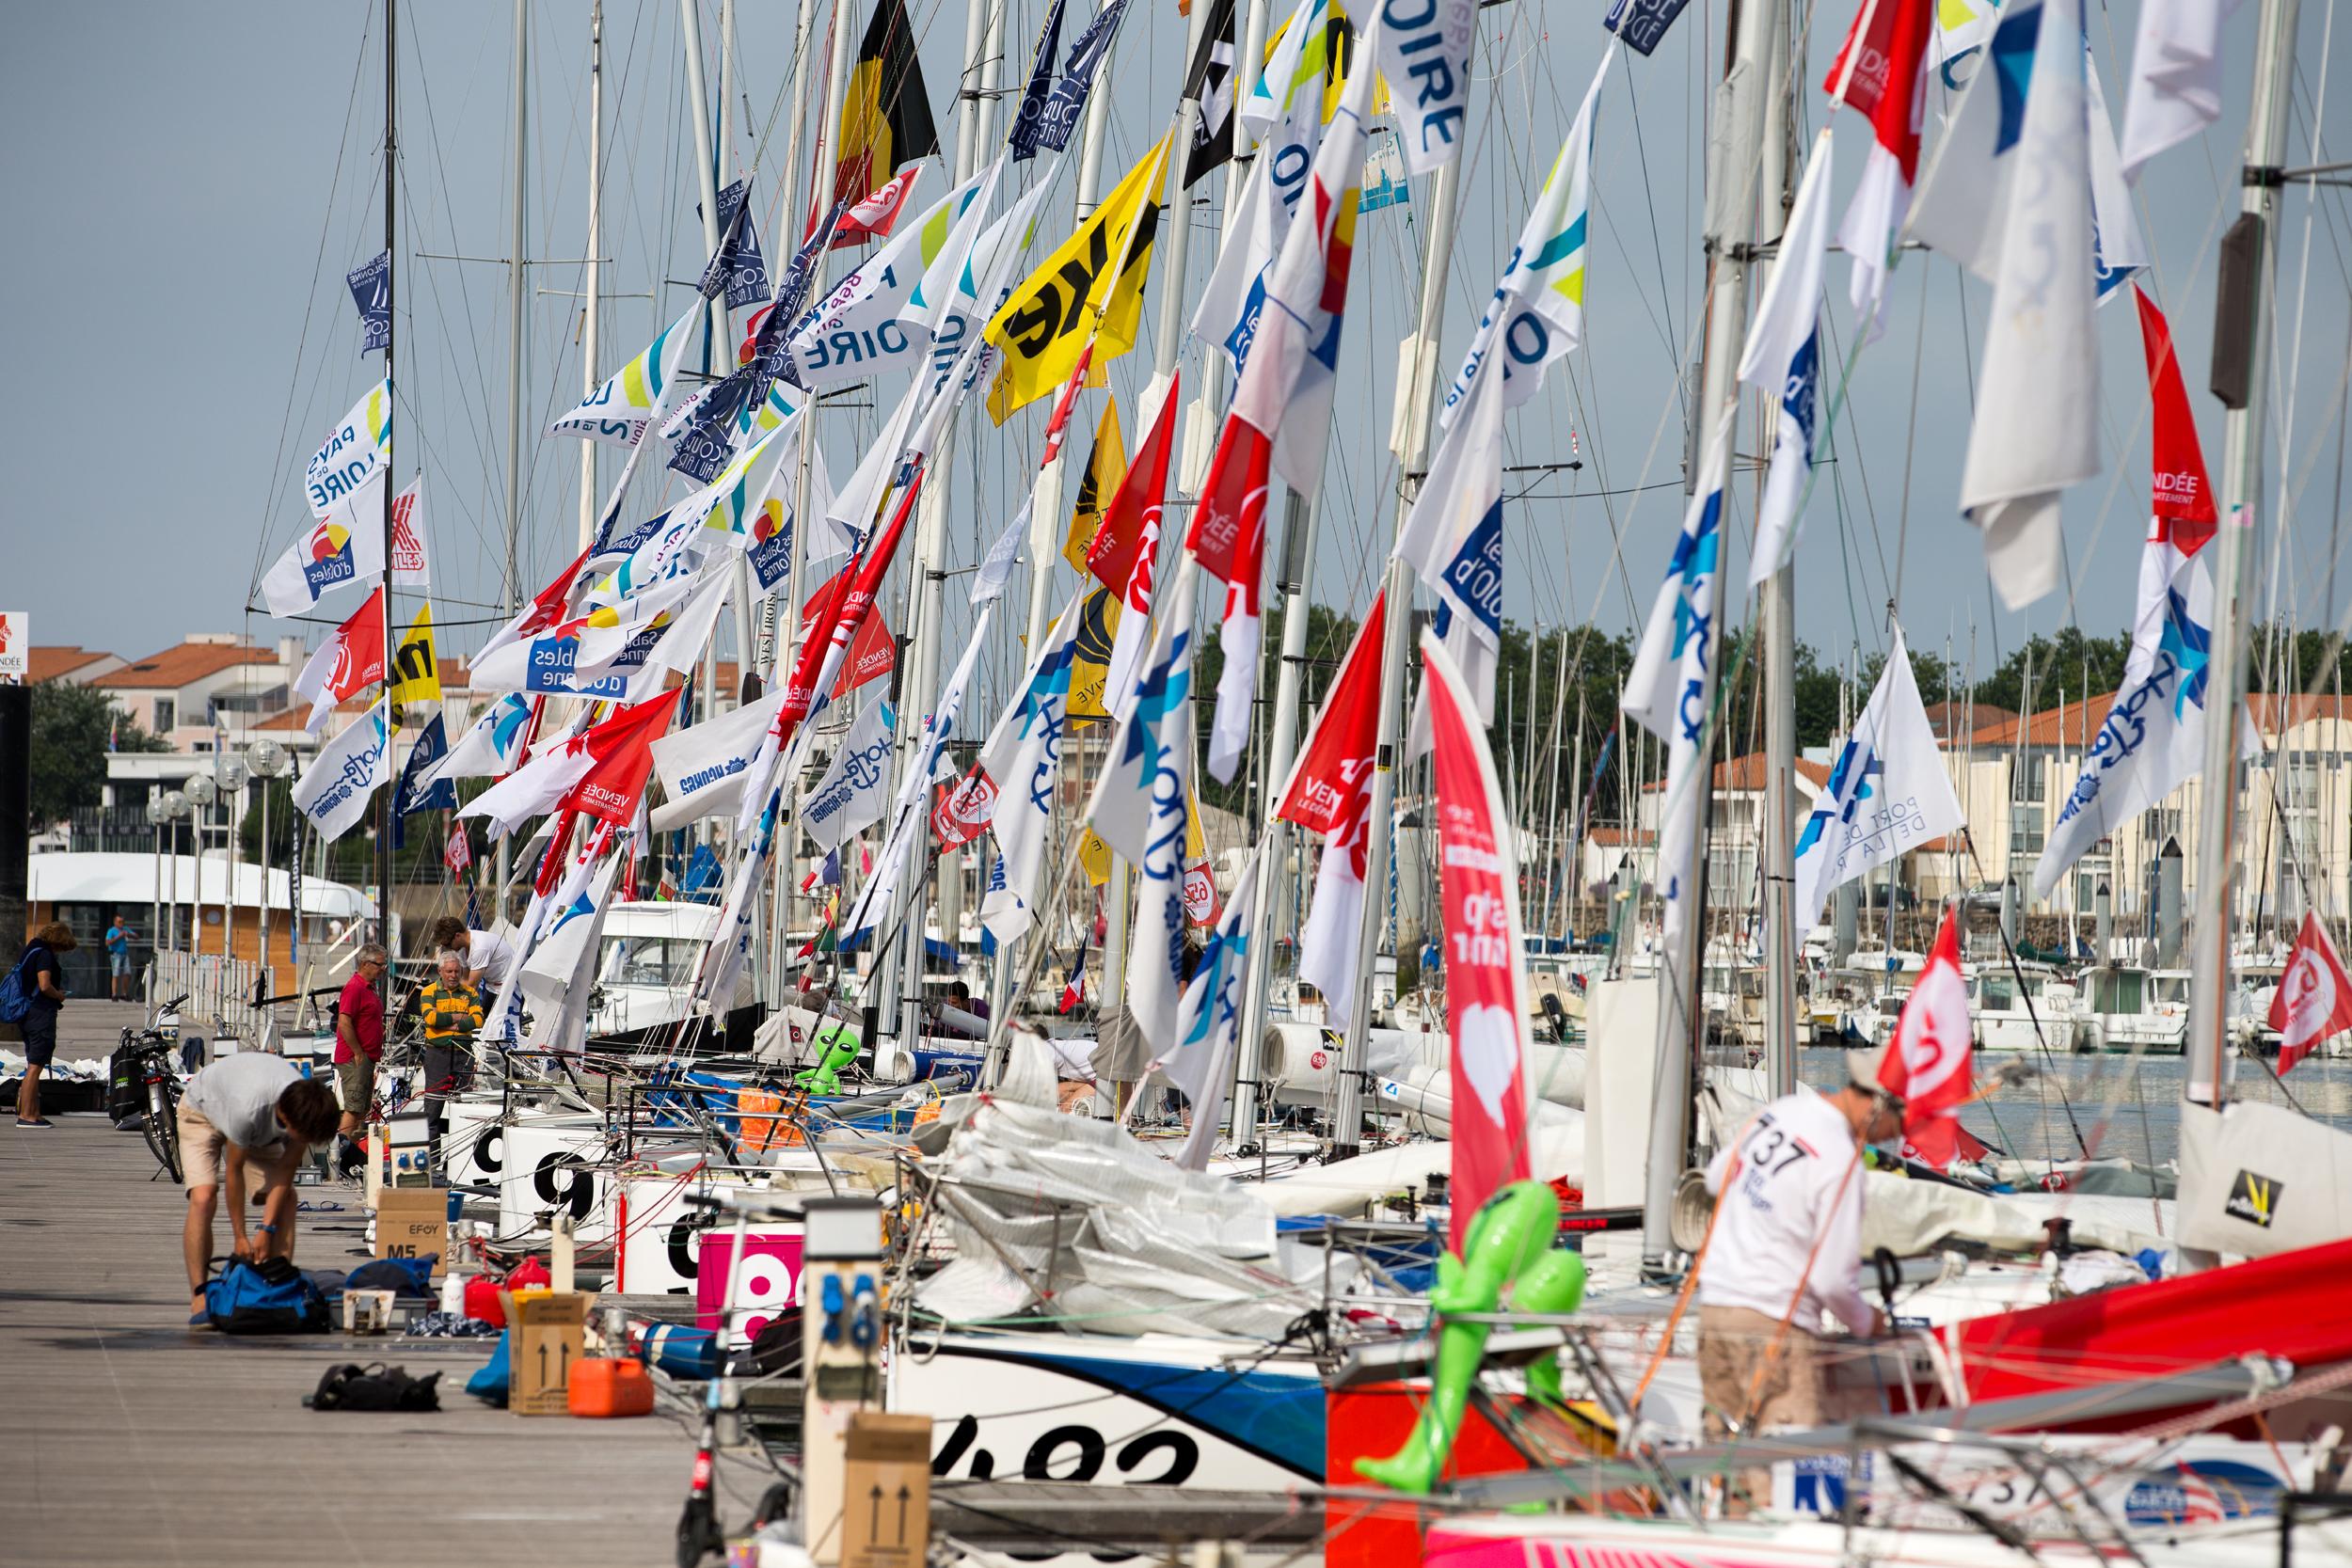 Ponton Vendée Globe aux Sables d'Olonnes avant le départ de la course qualificative Les Sables - Les Açores - Les Sables en juillet 2016 (Photo : C. Breschi).